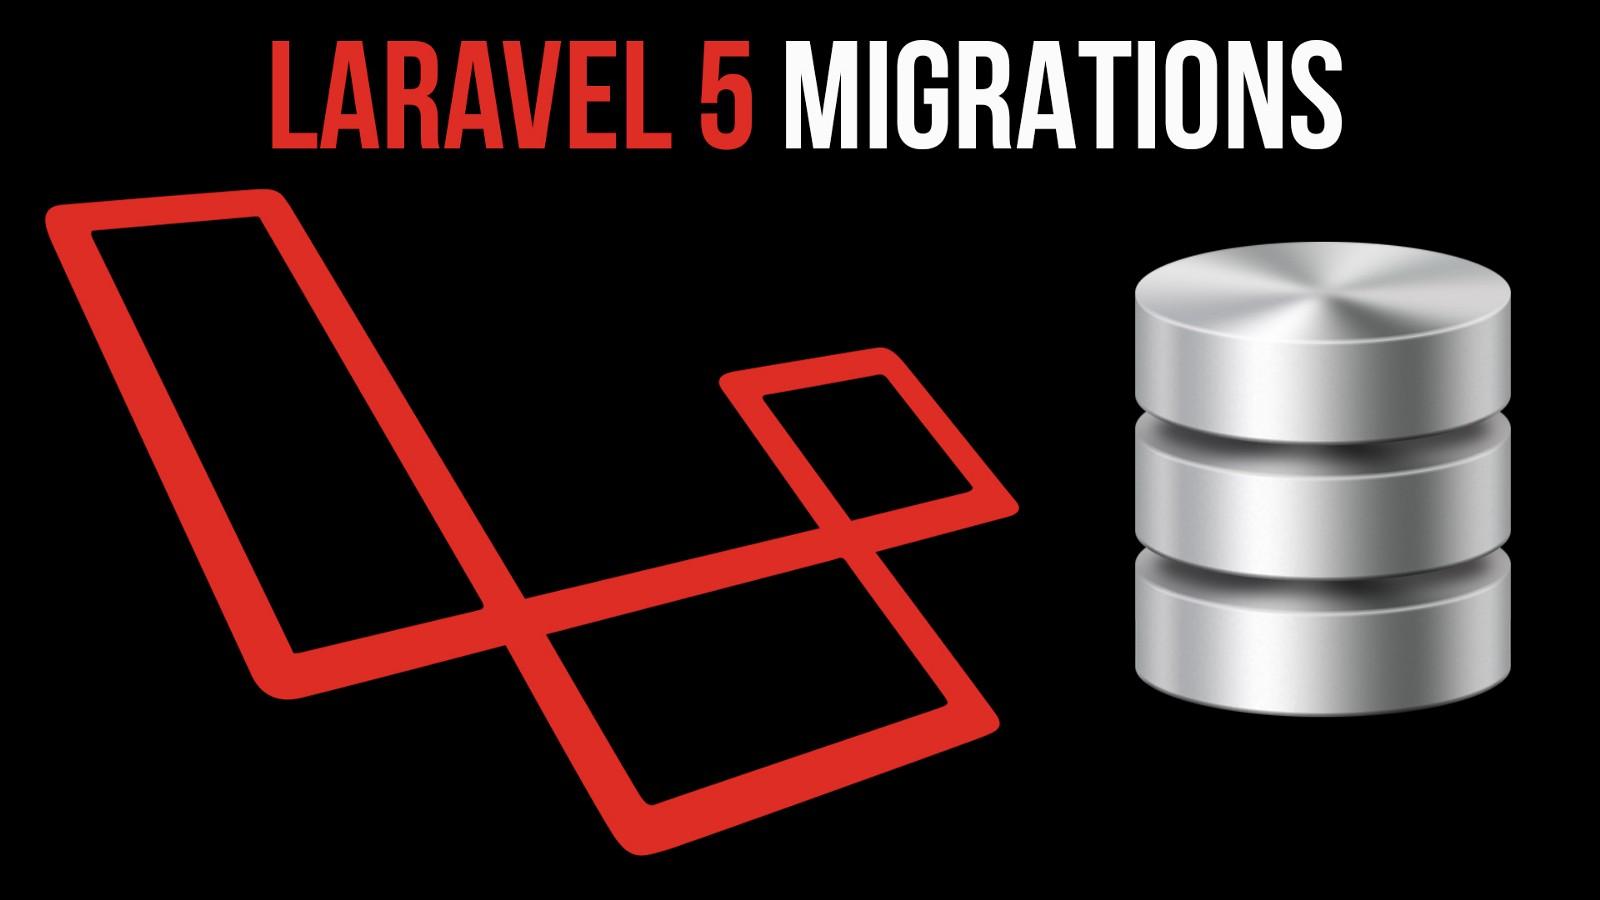 بعضی از ترفندهای Migrationدر لاراول